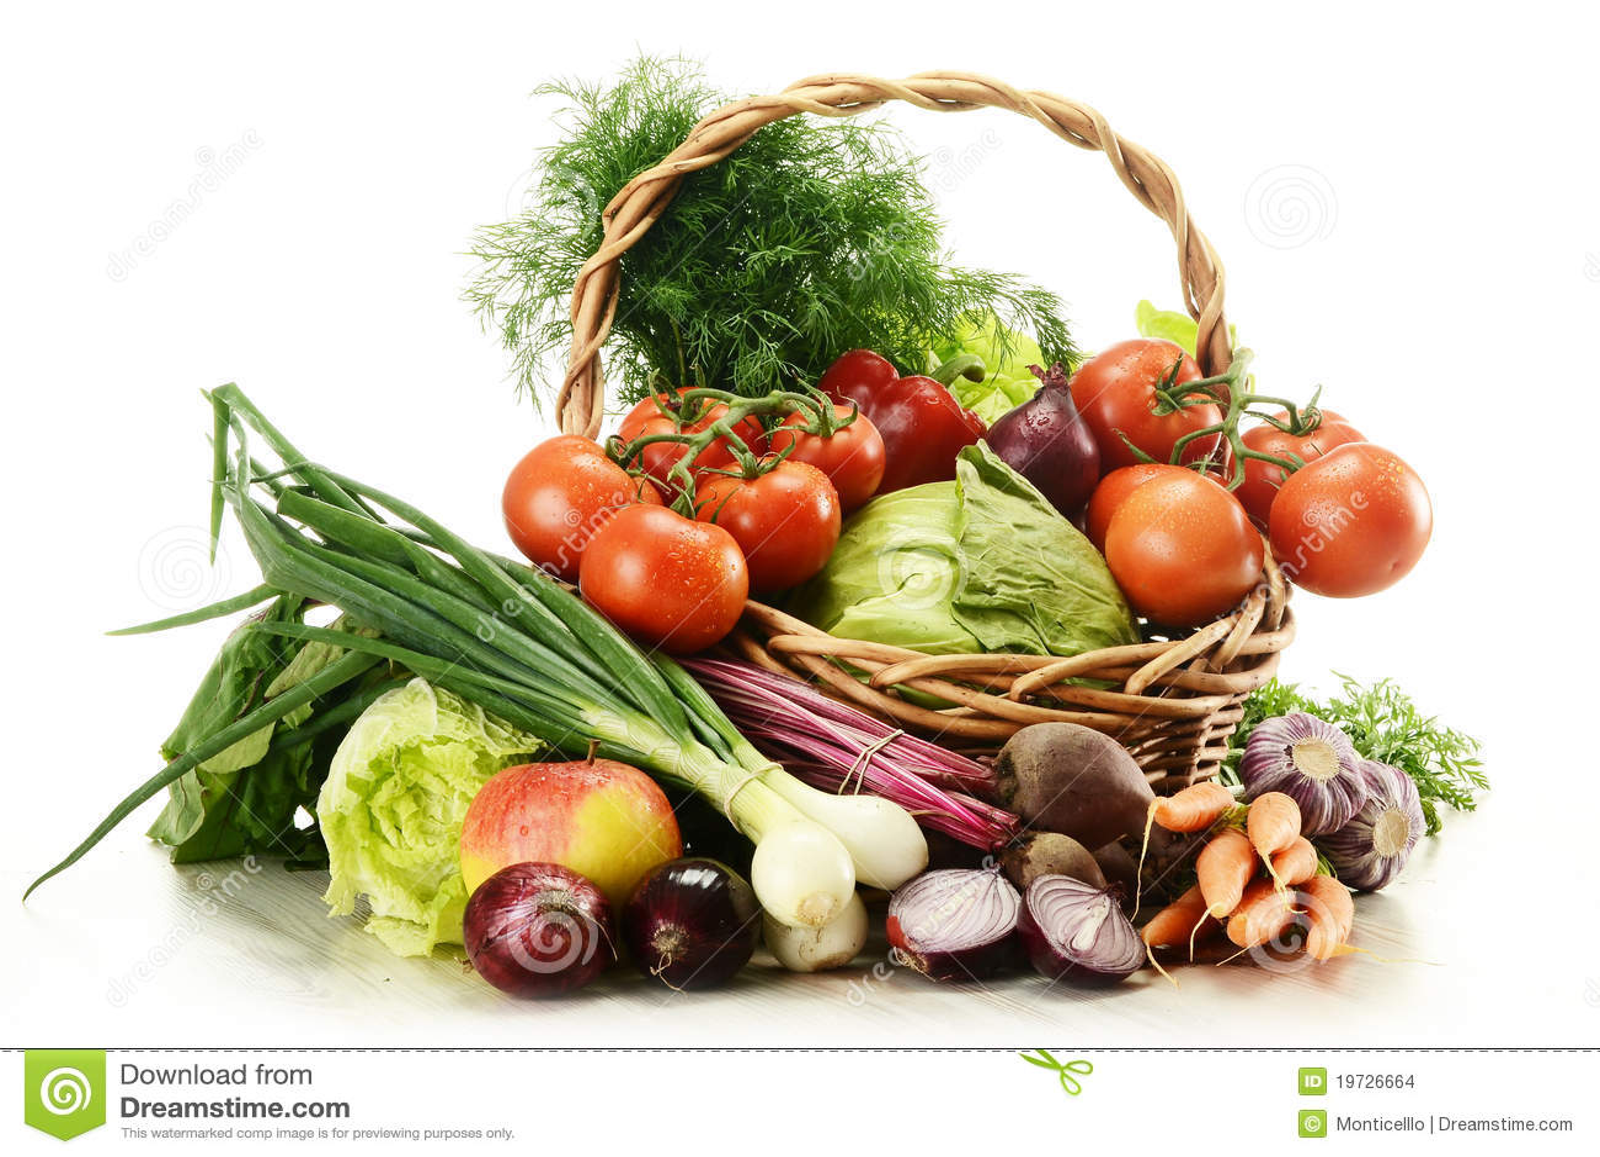 Composition avec les l gumes crus et le panier en osier - Composition florale avec fruits legumes ...